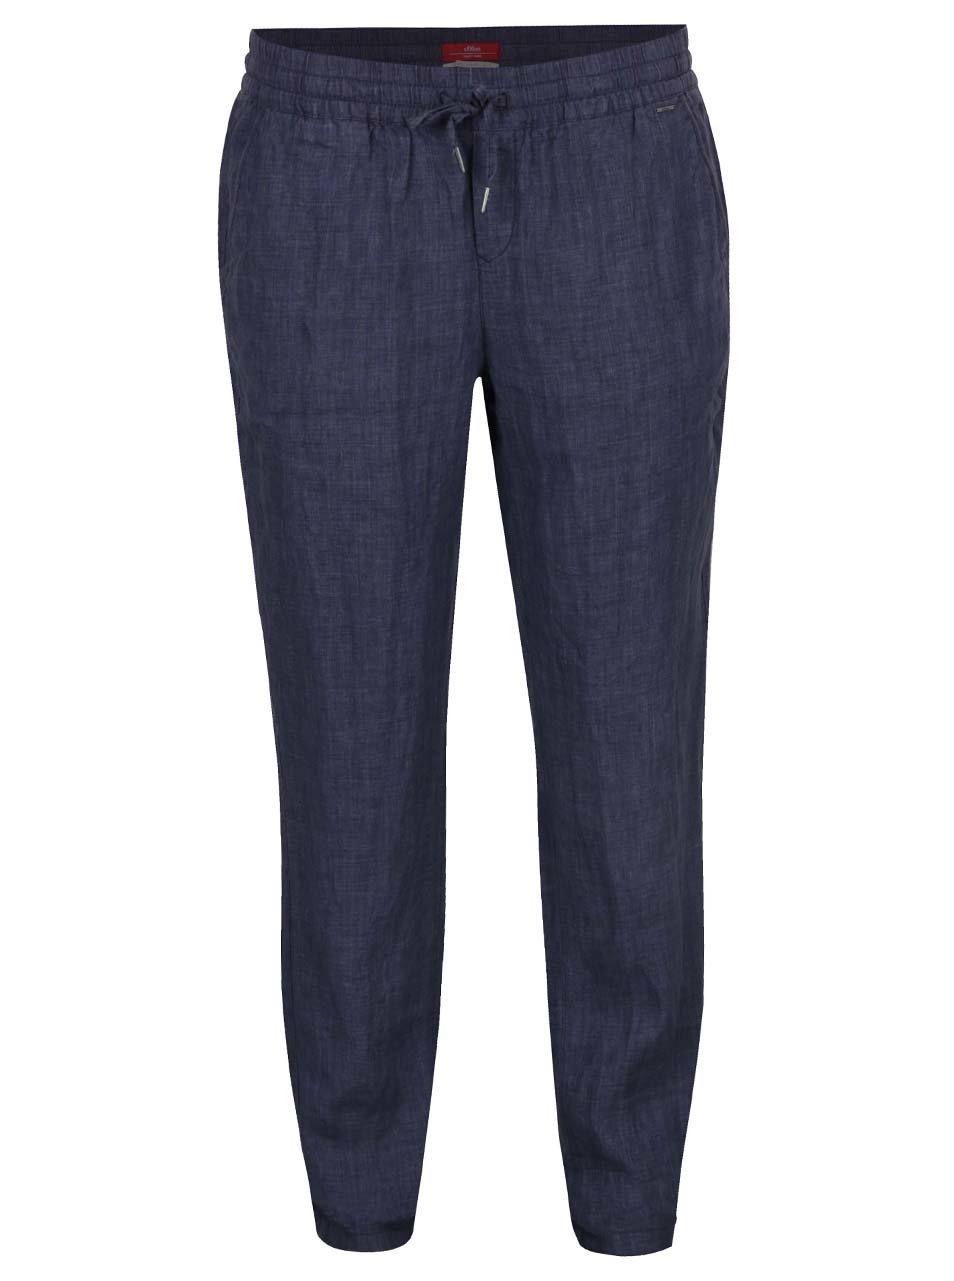 Tmavě modré dámské lněné kalhoty s.Oliver